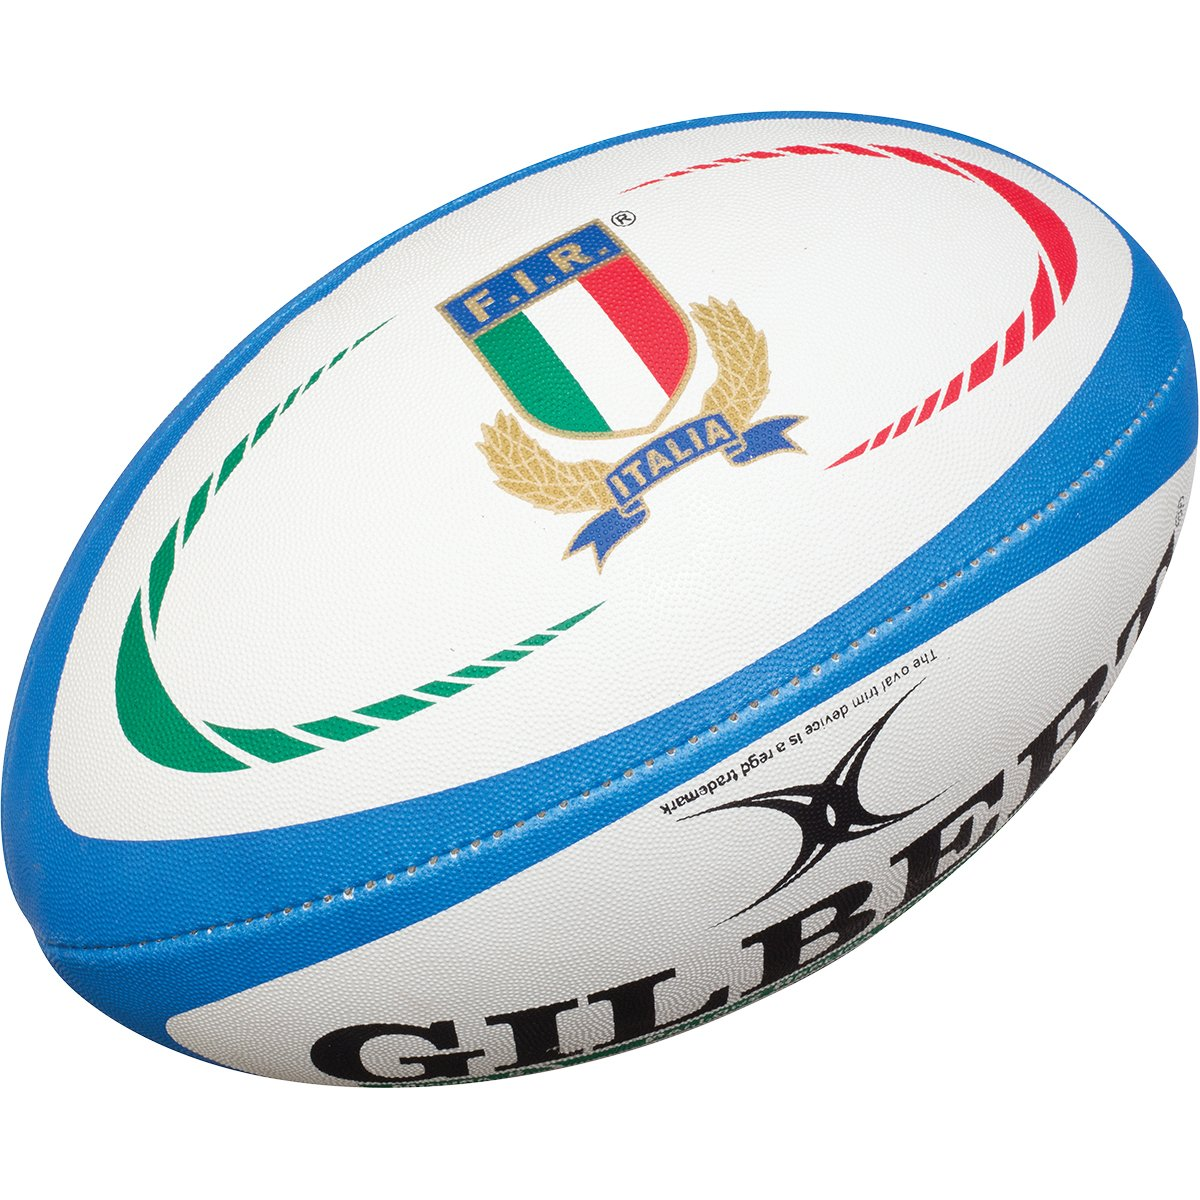 憧れの イタリアRugbyレプリカラグビーボール B00TIFUPCQ – サイズ5 サイズ5 – B00TIFUPCQ, 愛ショップアオキ:04386081 --- arianechie.dominiotemporario.com